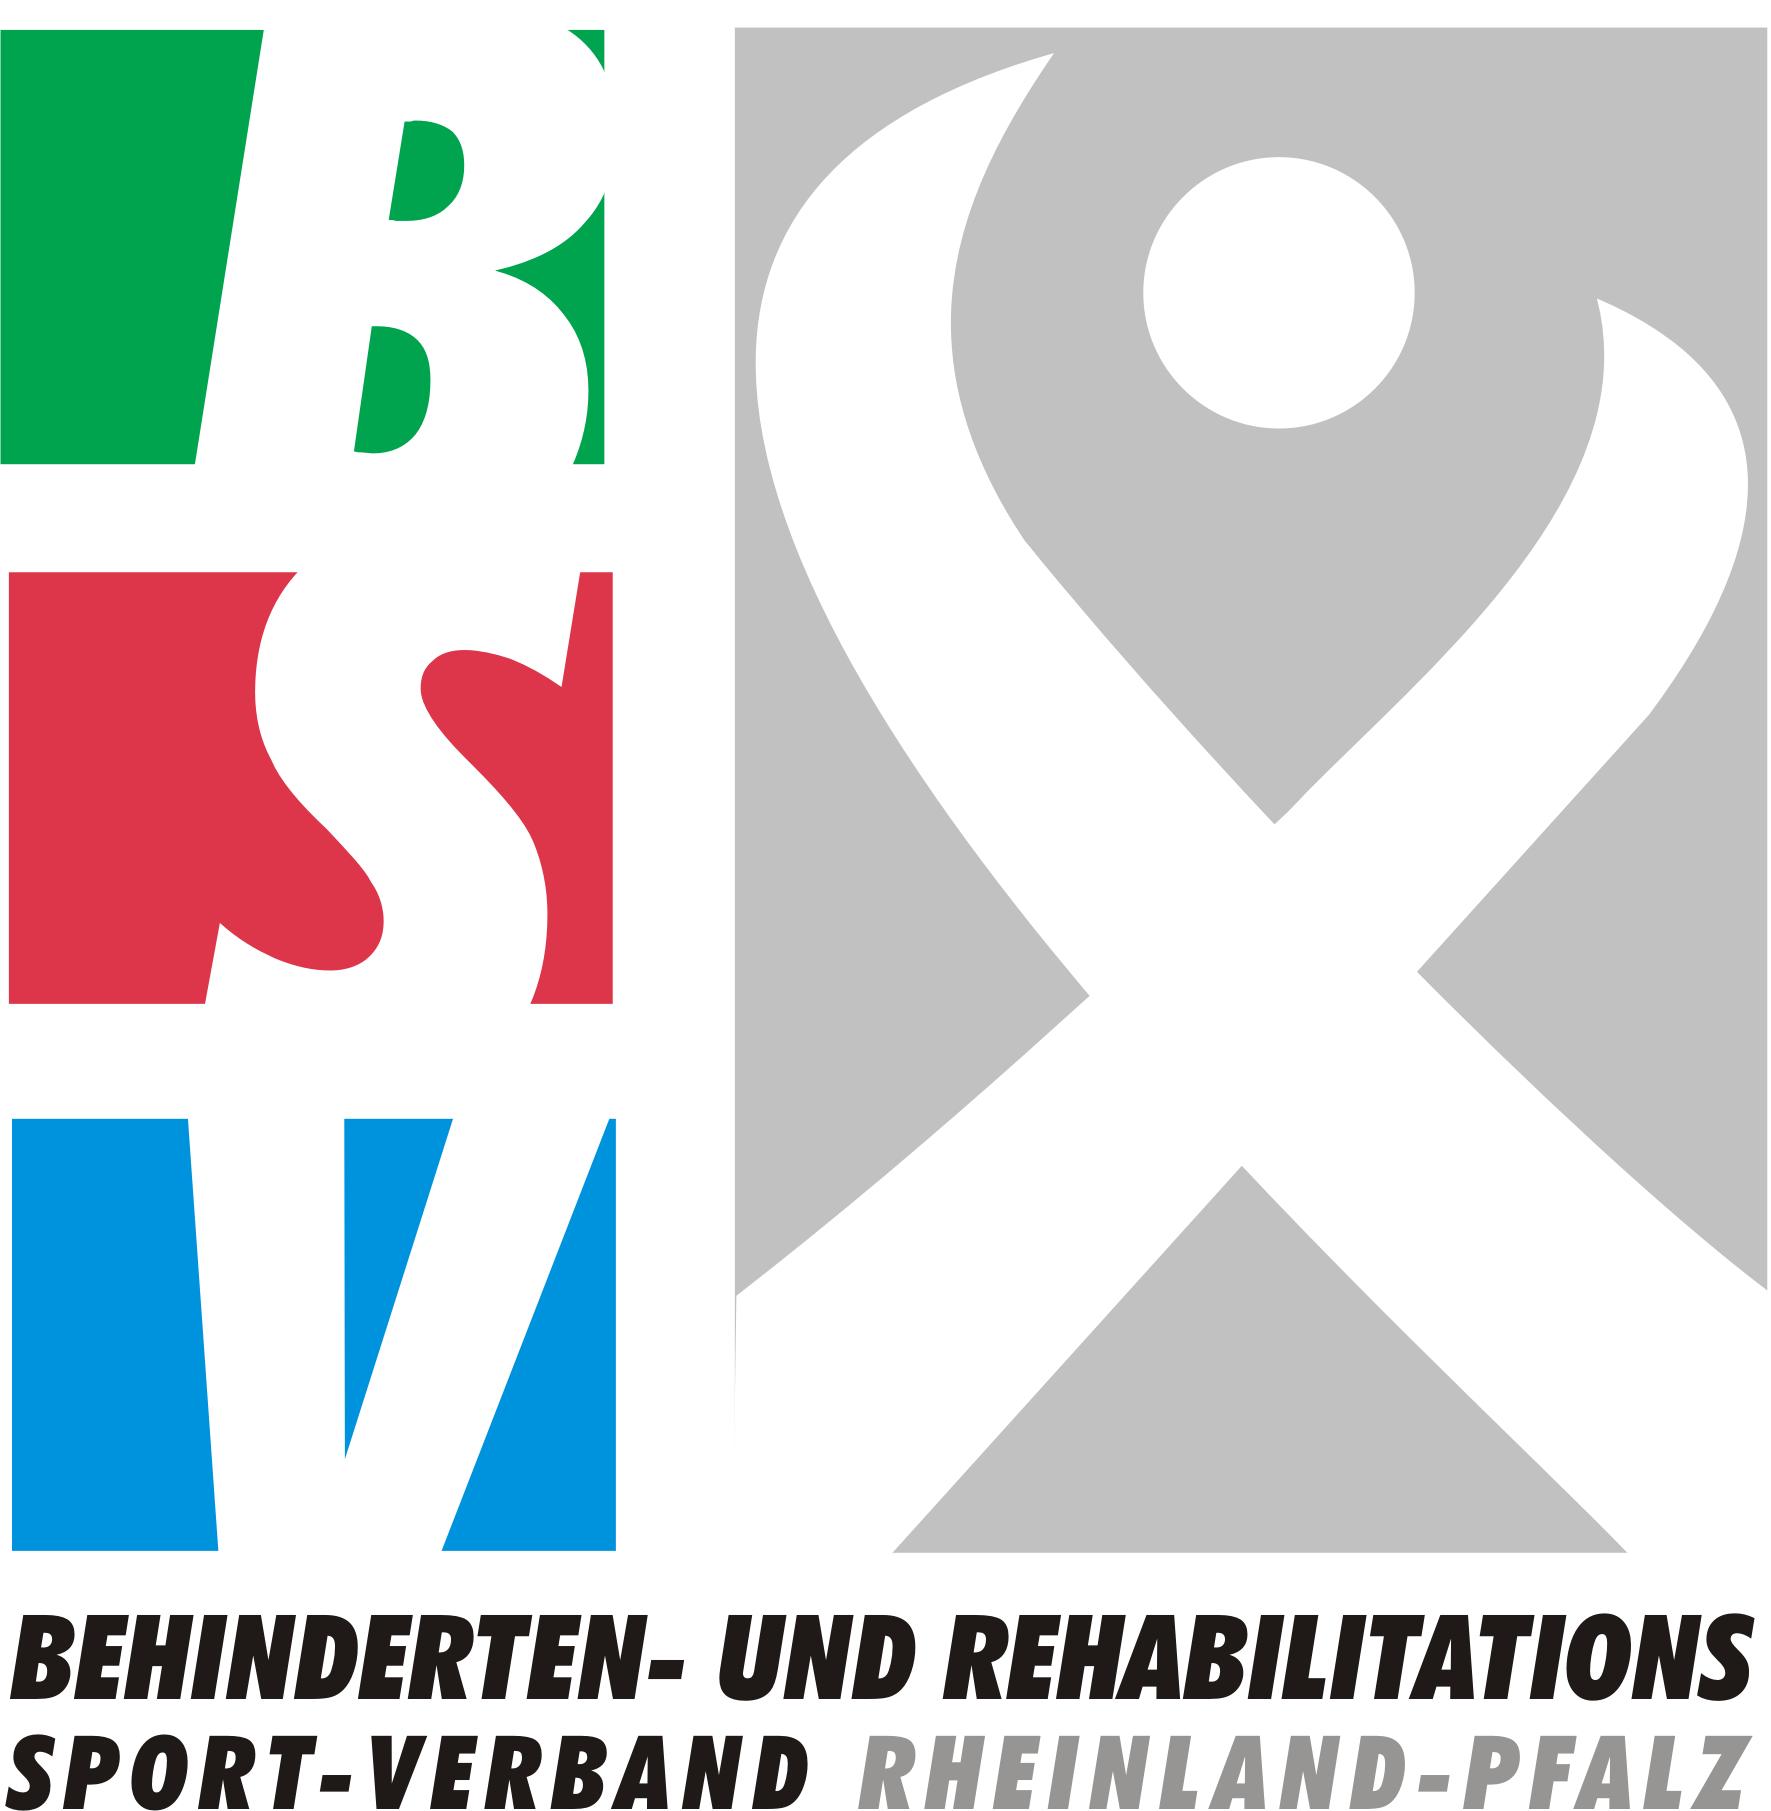 Behinderten- und Rehabilitationssport-Verband Rheinland-Pfalz e.V.